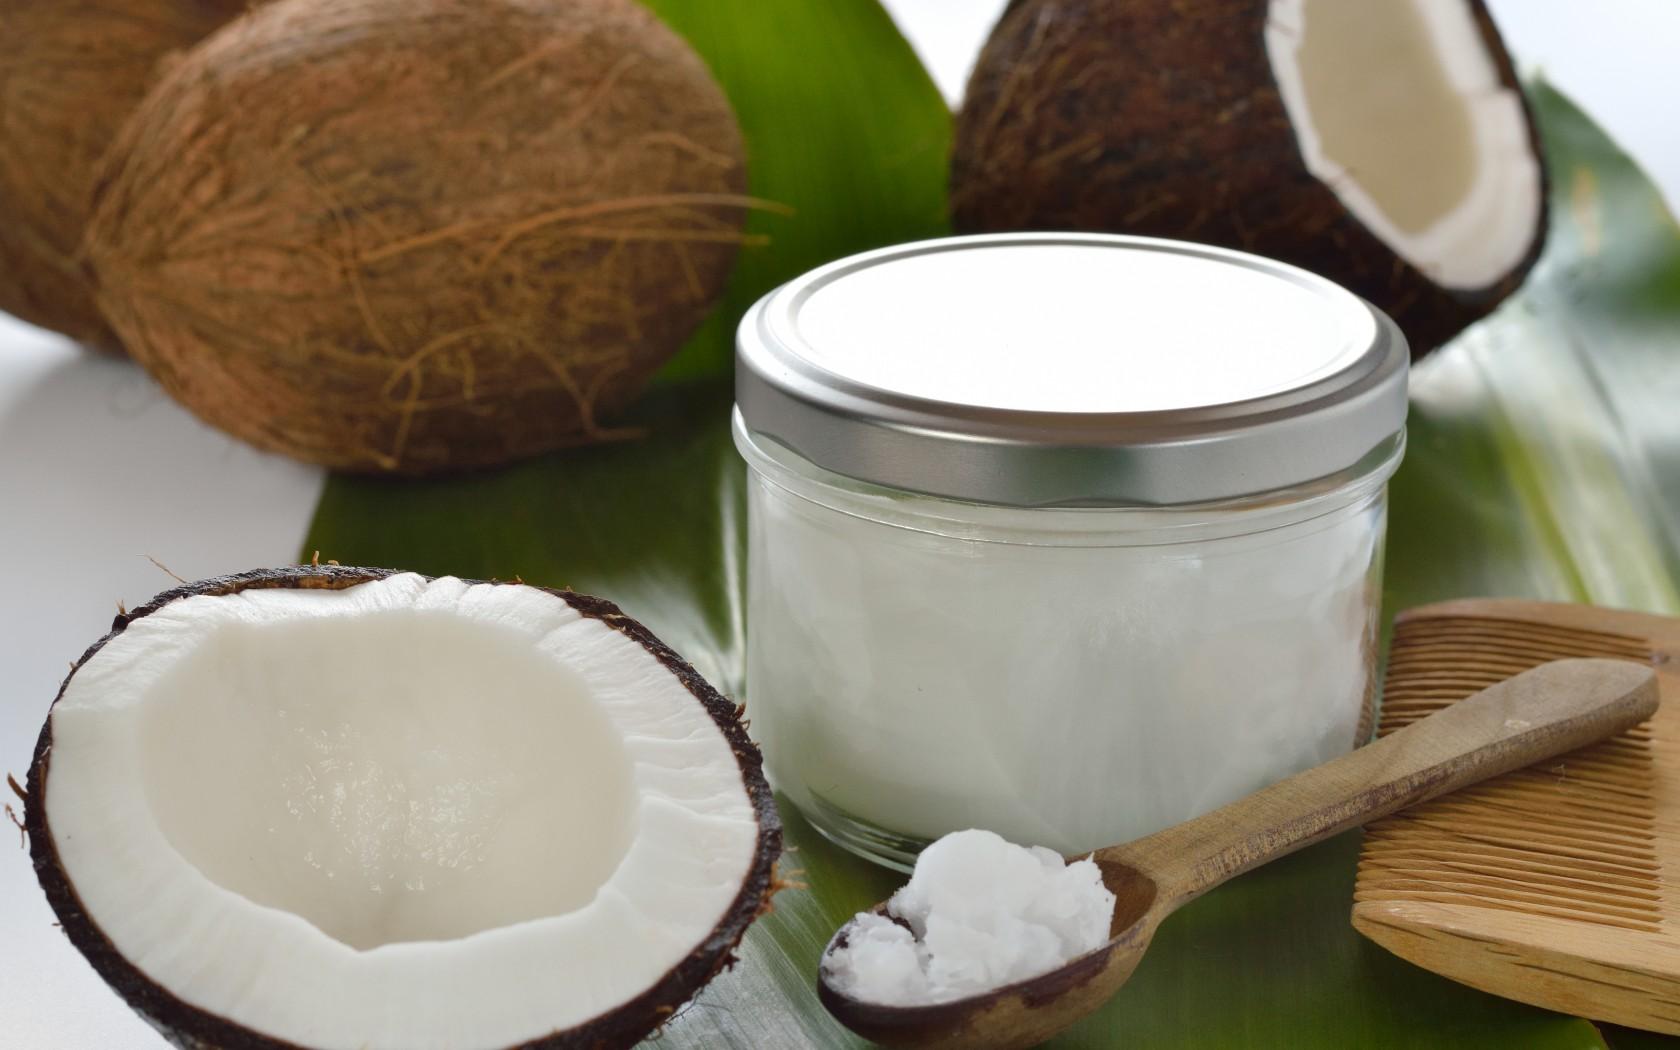 kokosovy-olej-vyuzitie.jpg